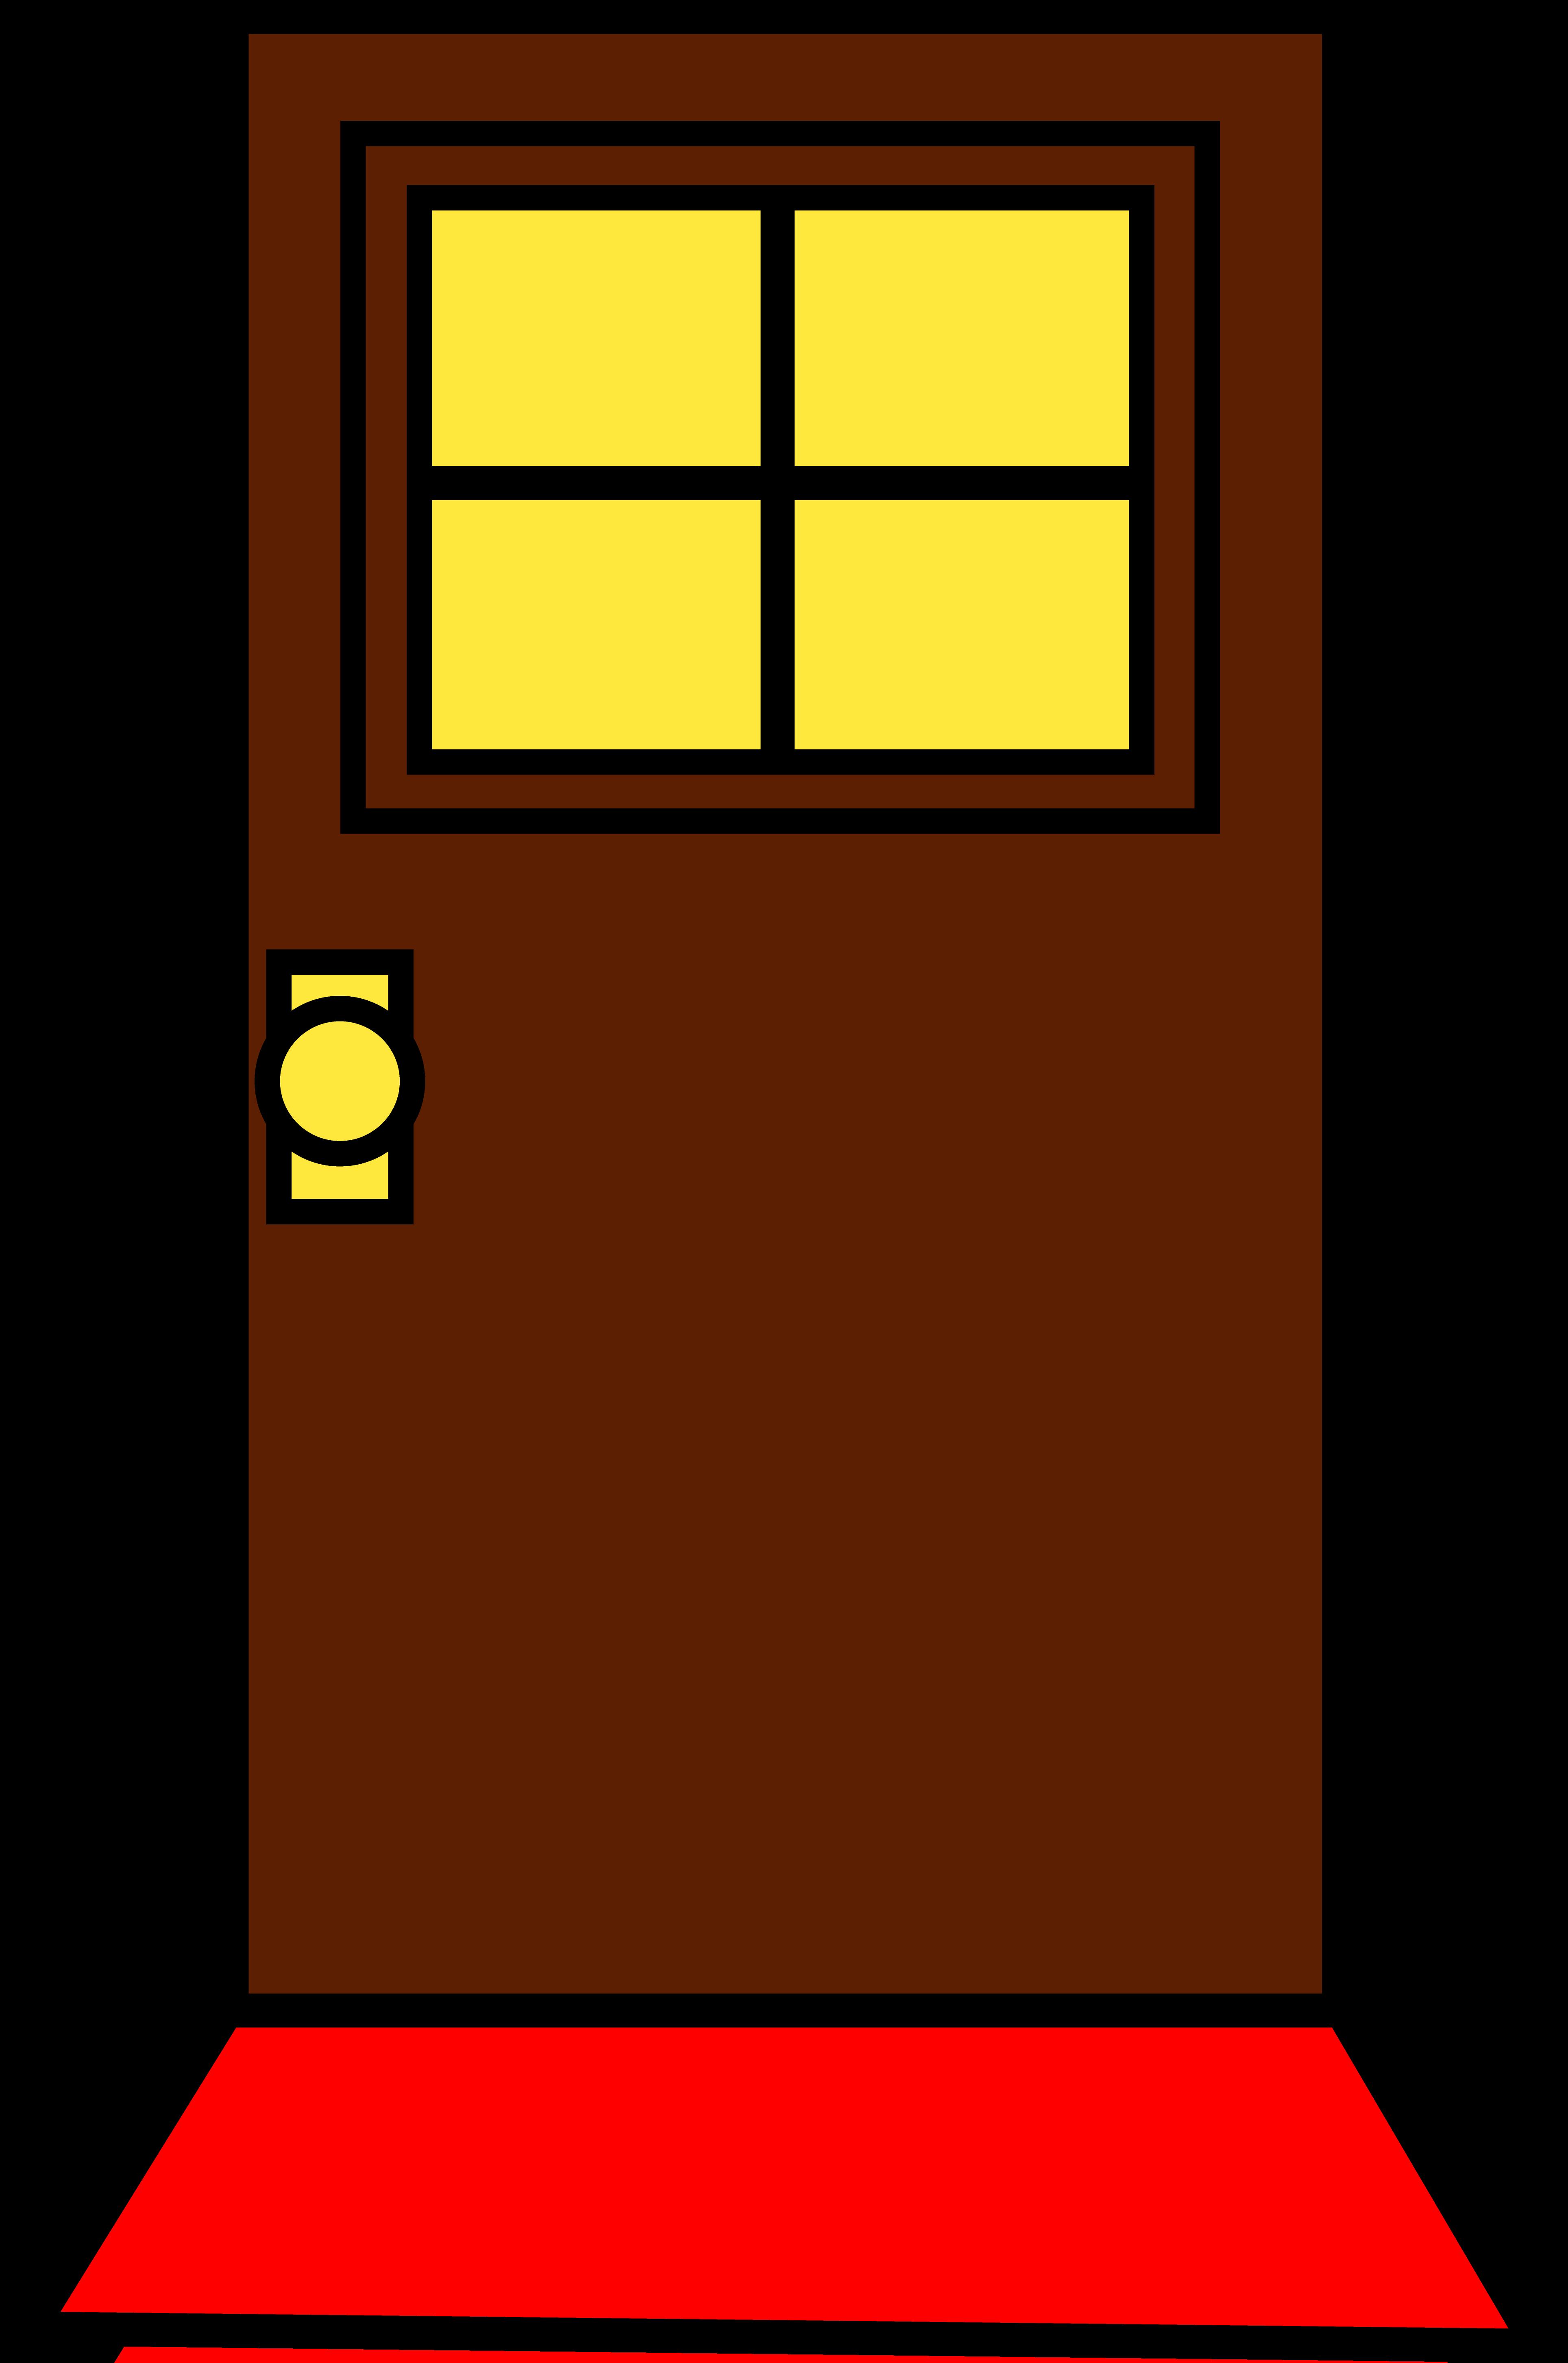 Free Open Door Clipart, Download Free Clip Art, Free Clip.